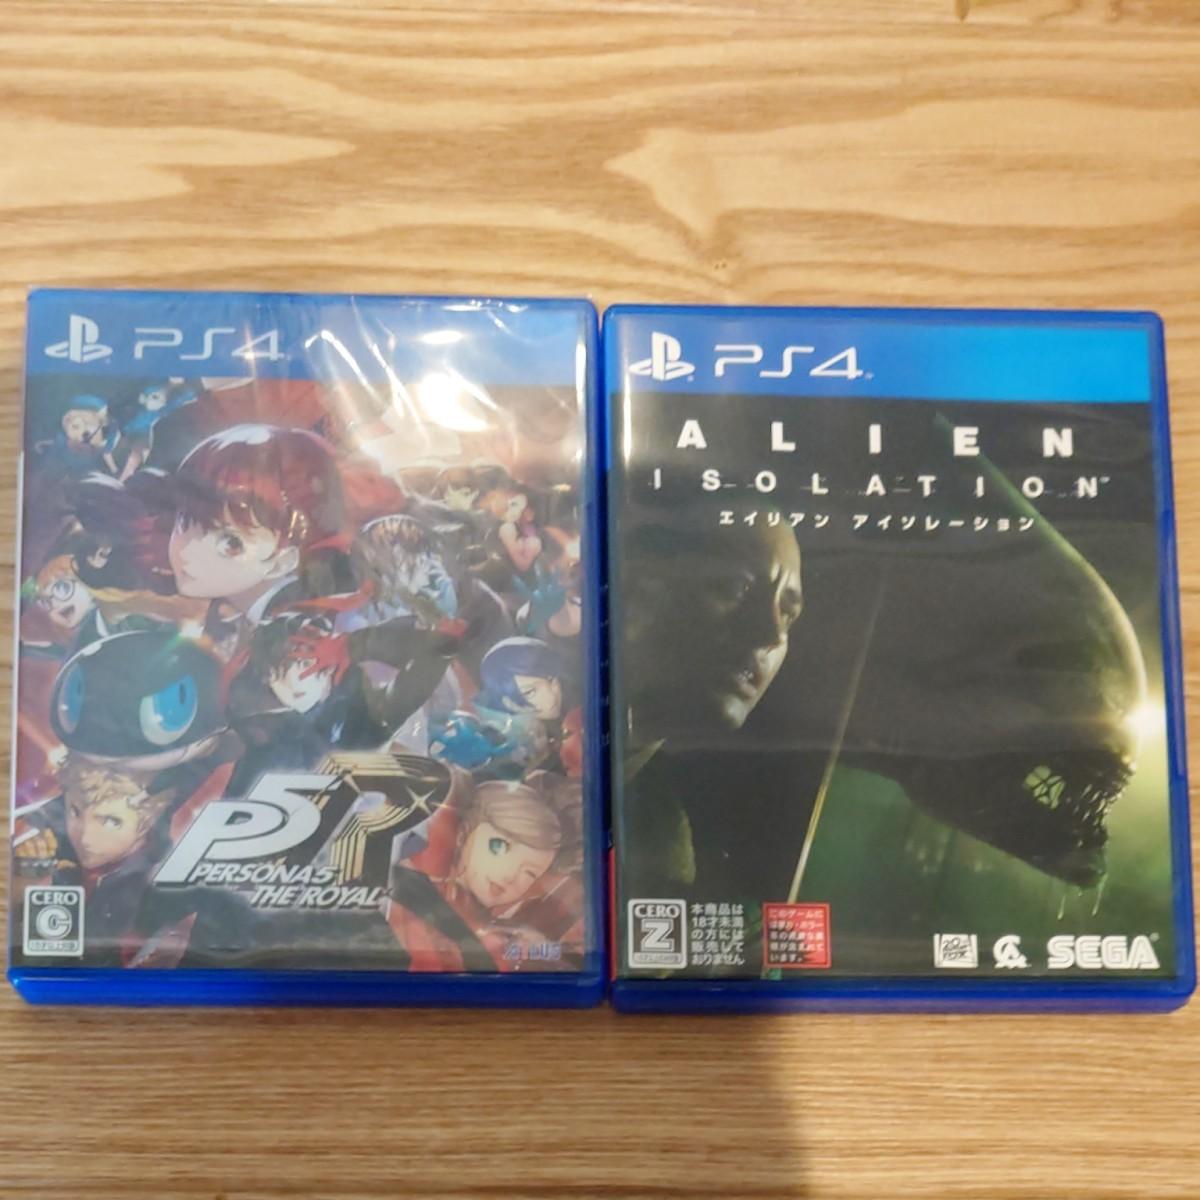 美品  PS4 ペルソナ5ザ・ロイヤル エイリアンアイソレーション セット